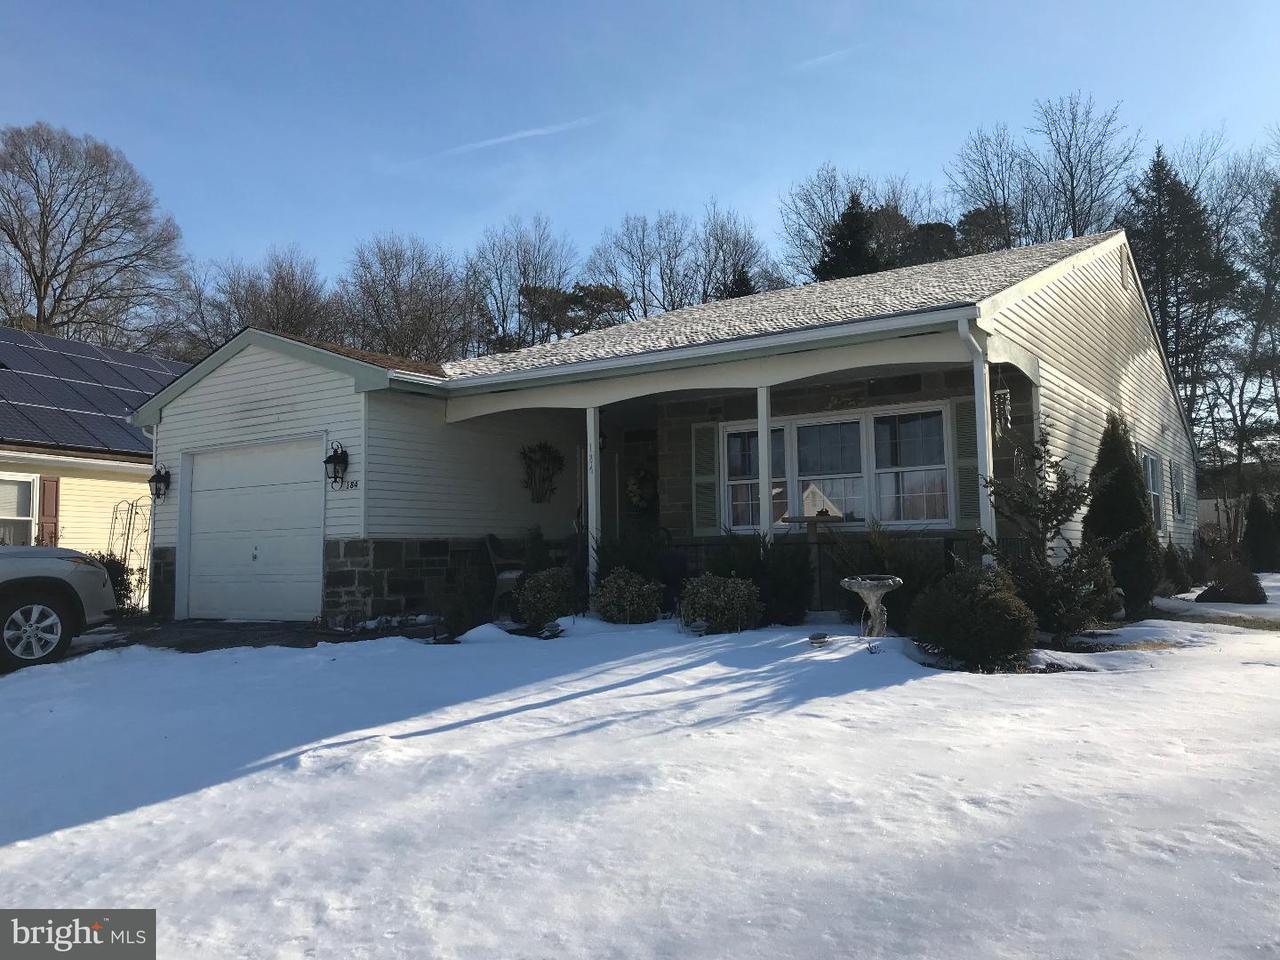 独户住宅 为 销售 在 184 DORCHESTER Drive Southampton, 新泽西州 08088 美国